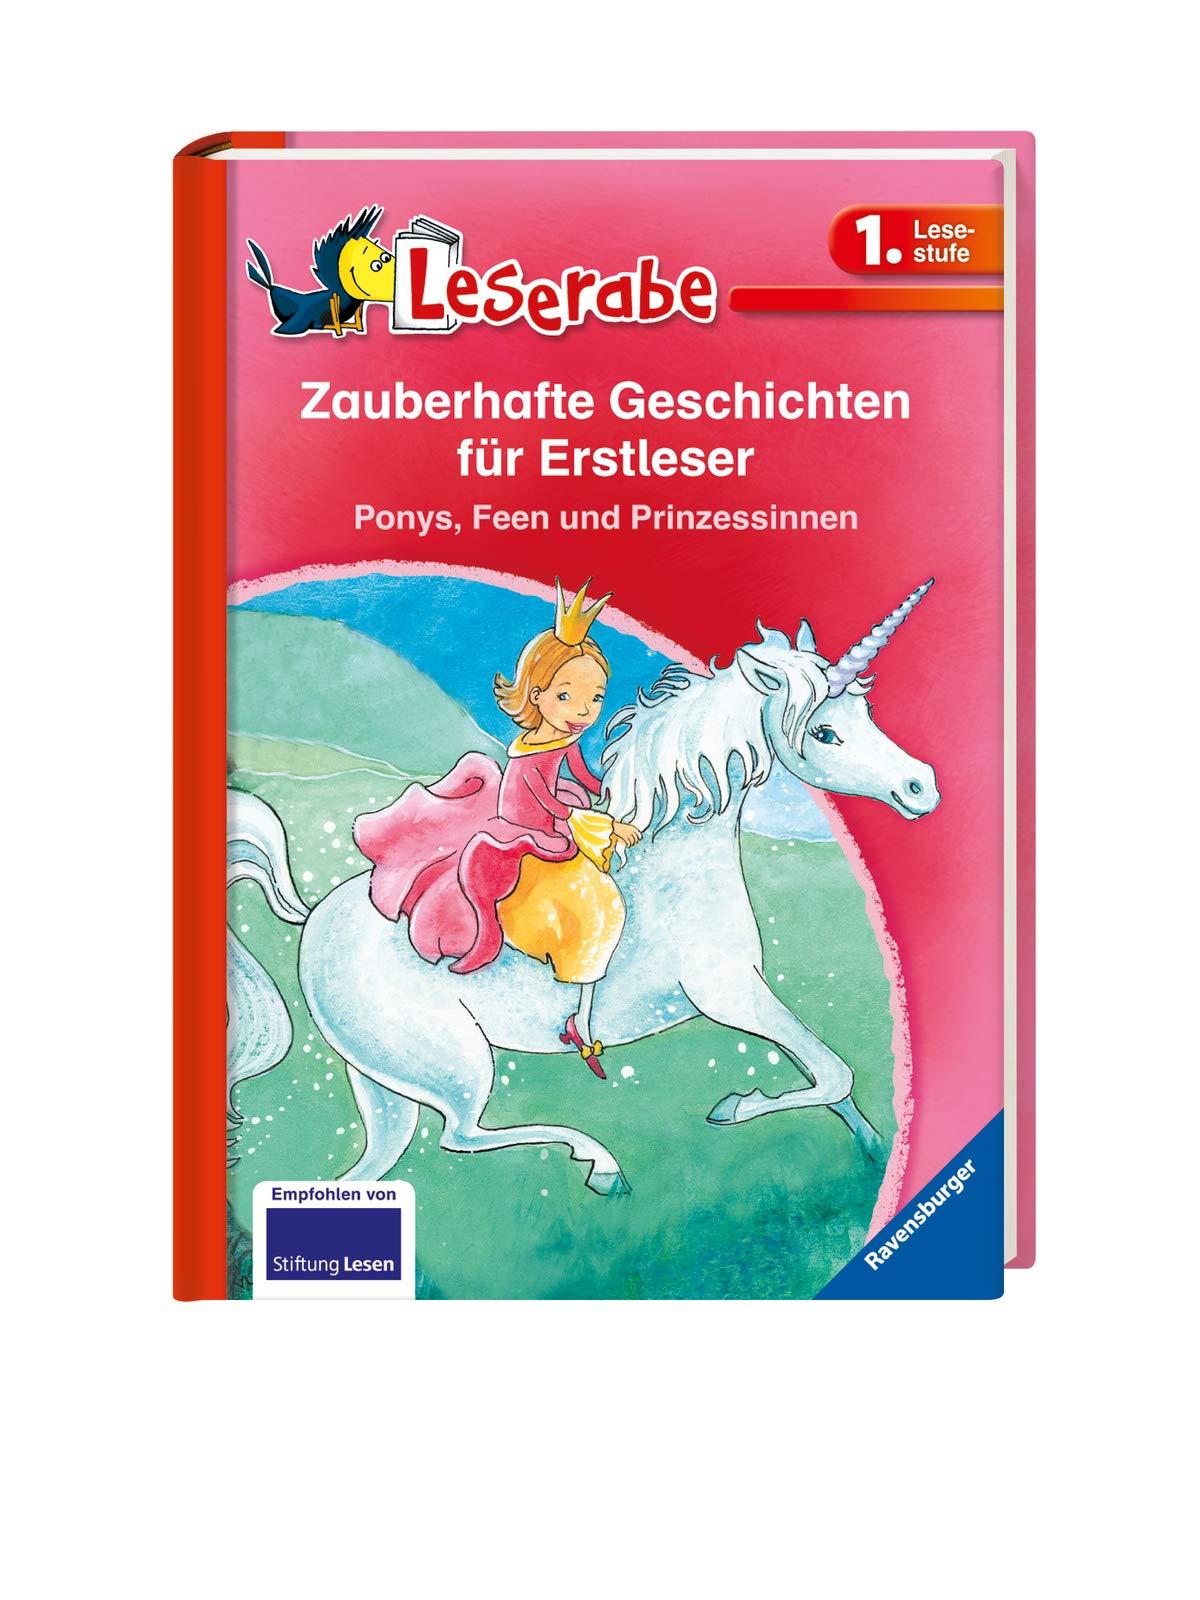 Zauberhafte Geschichten für Erstleser. Ponys, Feen und Prinzessinnen - Leserabe 1. Klasse - Erstlesebuch für Kinder ab 6…